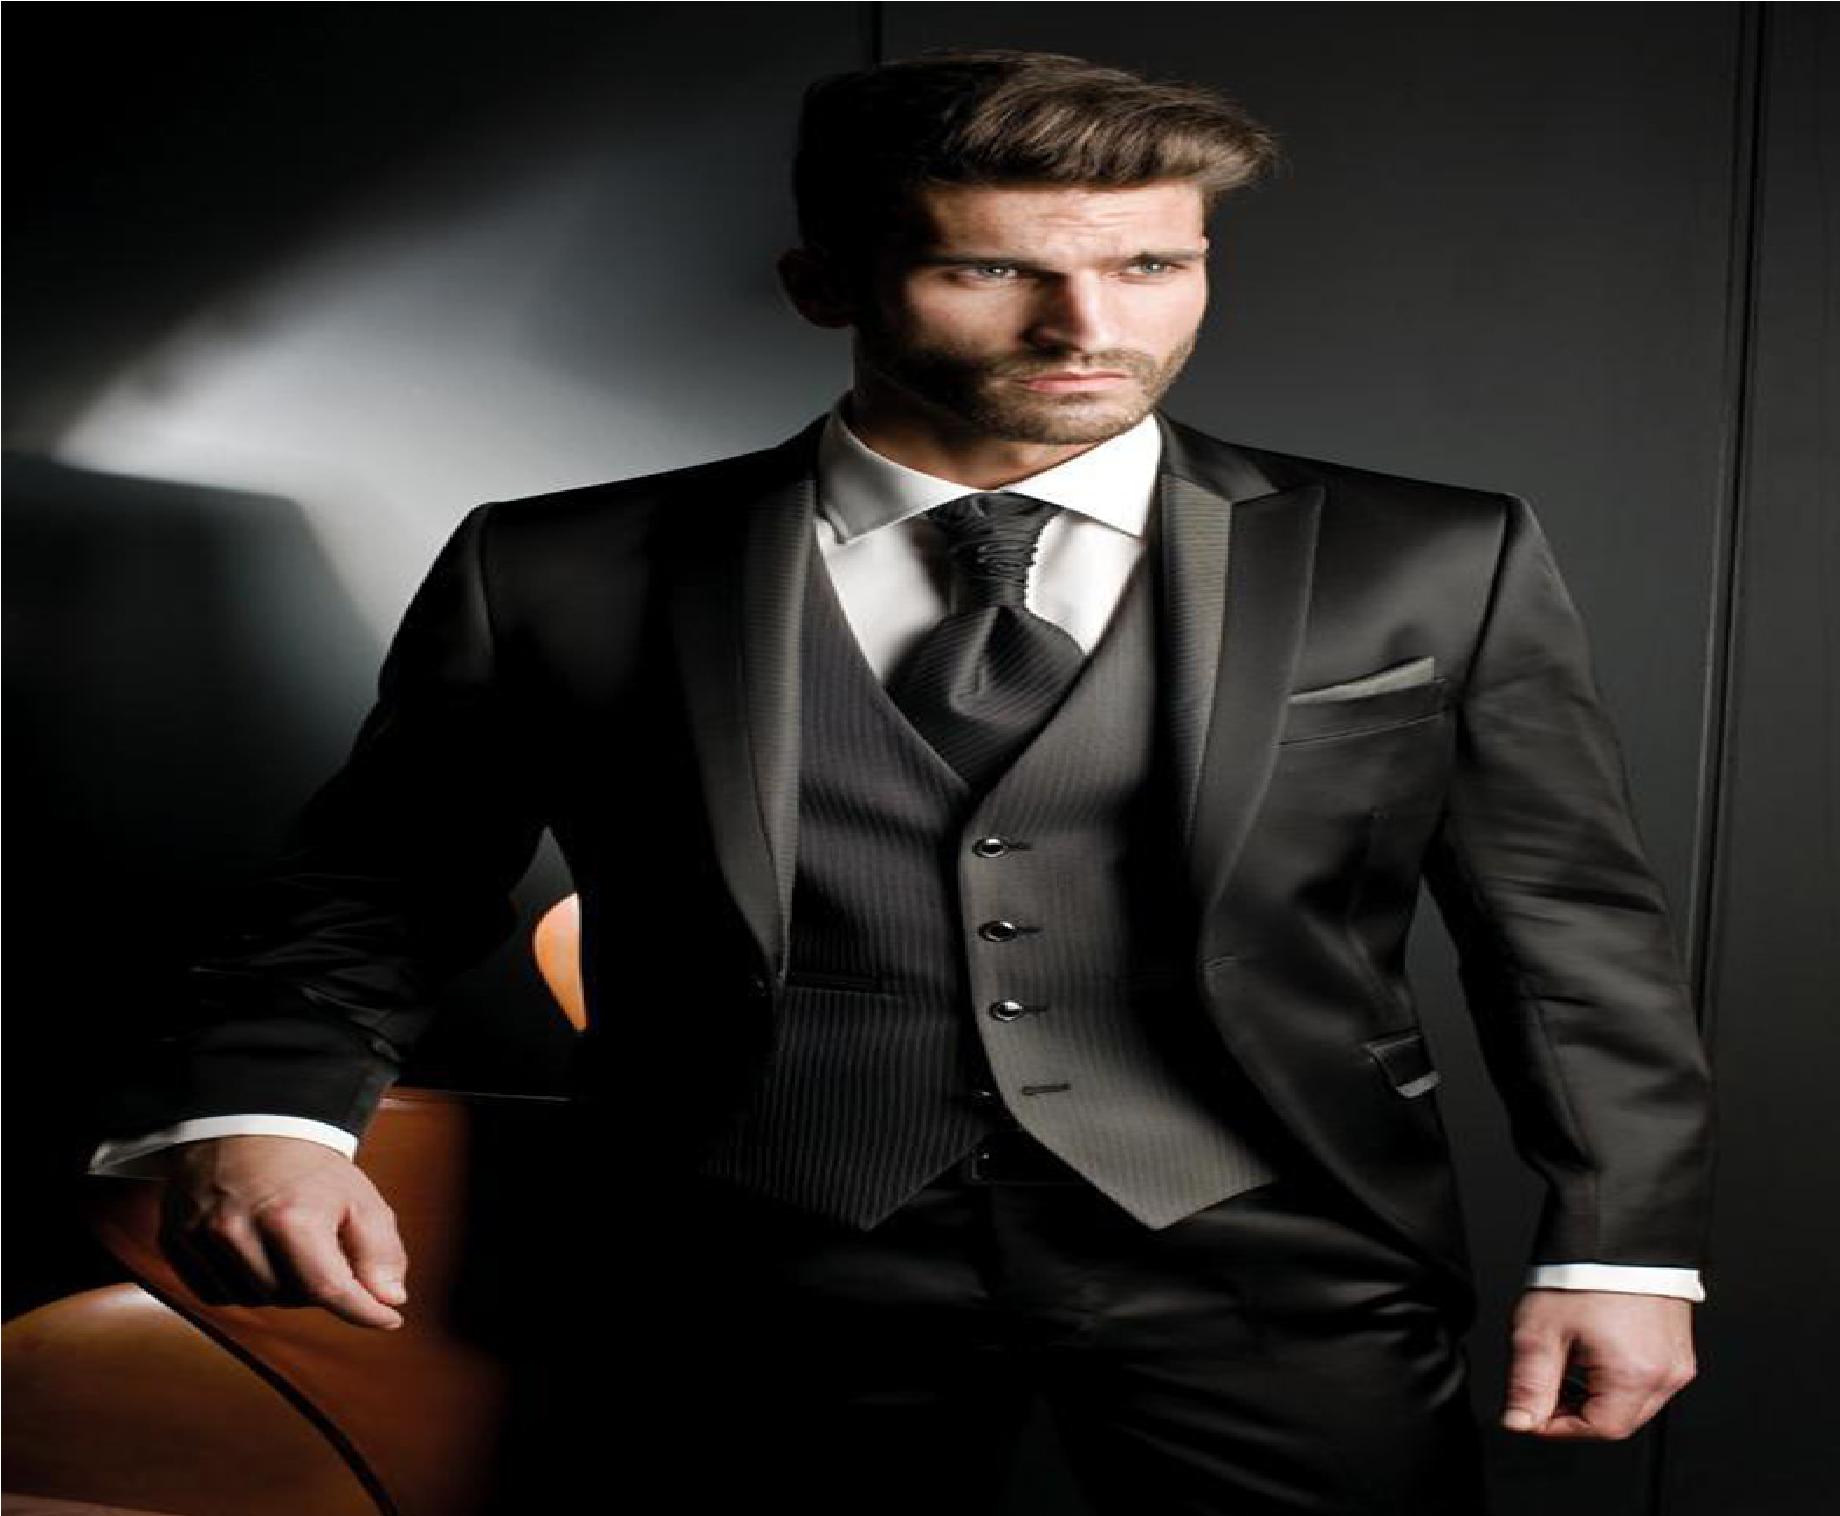 Para que te veas elegante y hermosa debes tener en cuenta que la corbata debe llegar a la altura del cinturón y también de combinar con la camisa. En cuanto a los zapatos se recomiendo lo siguiente. Los zapatos negros lo debes utilizar con ternos oscuros y los zapatos de color cafés lo debes utilizar con ternos más claros.